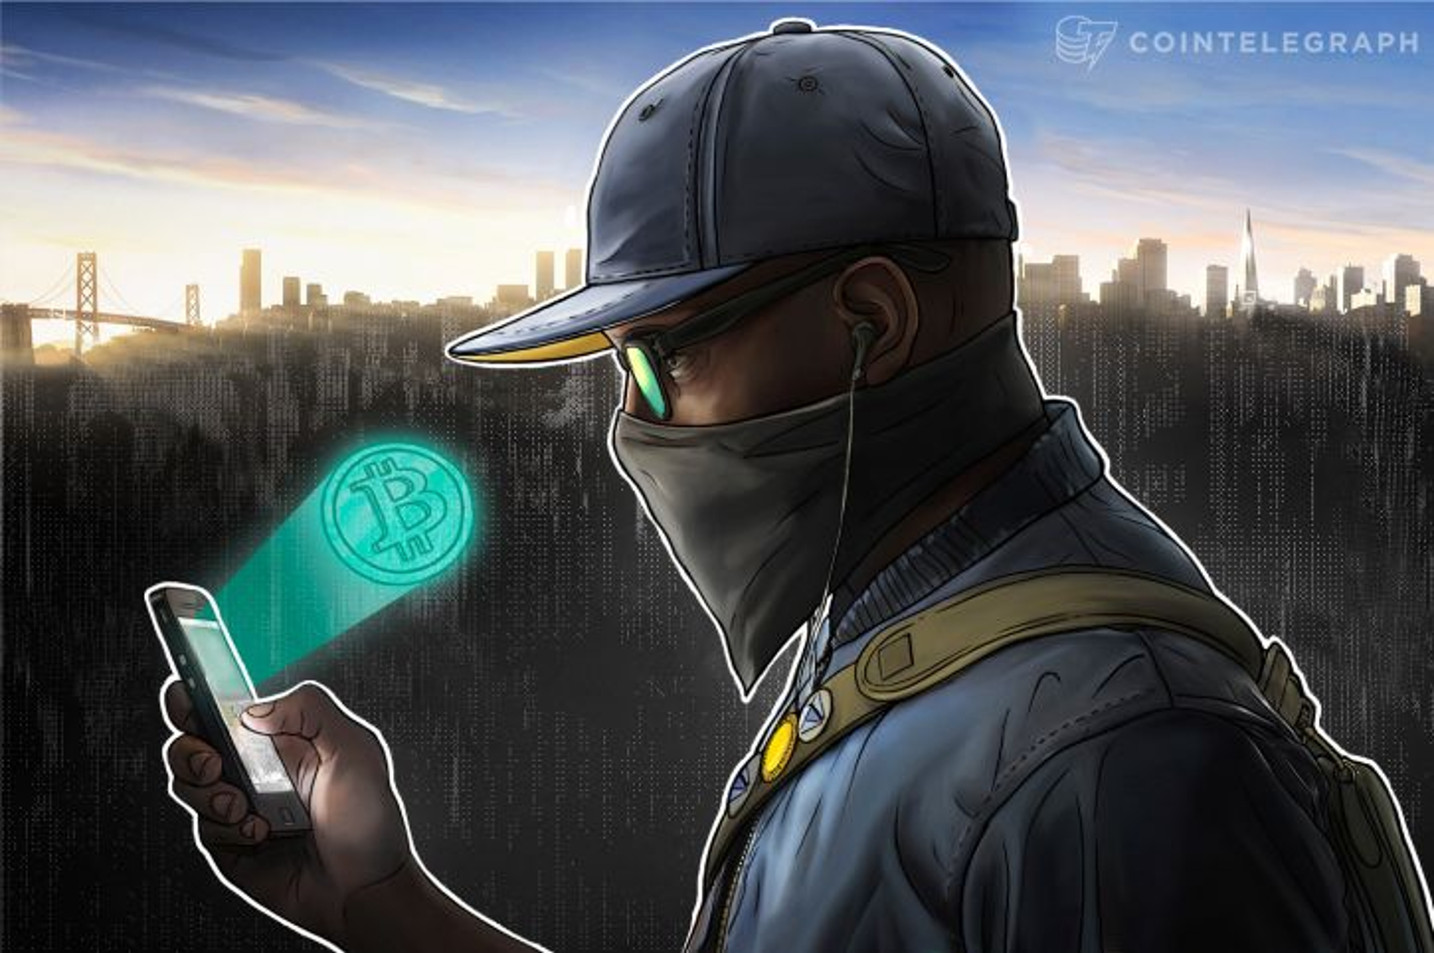 Exclusivo: El Coronavirus llega a Sichuan y puede afectar a la industria minera de Bitcoin